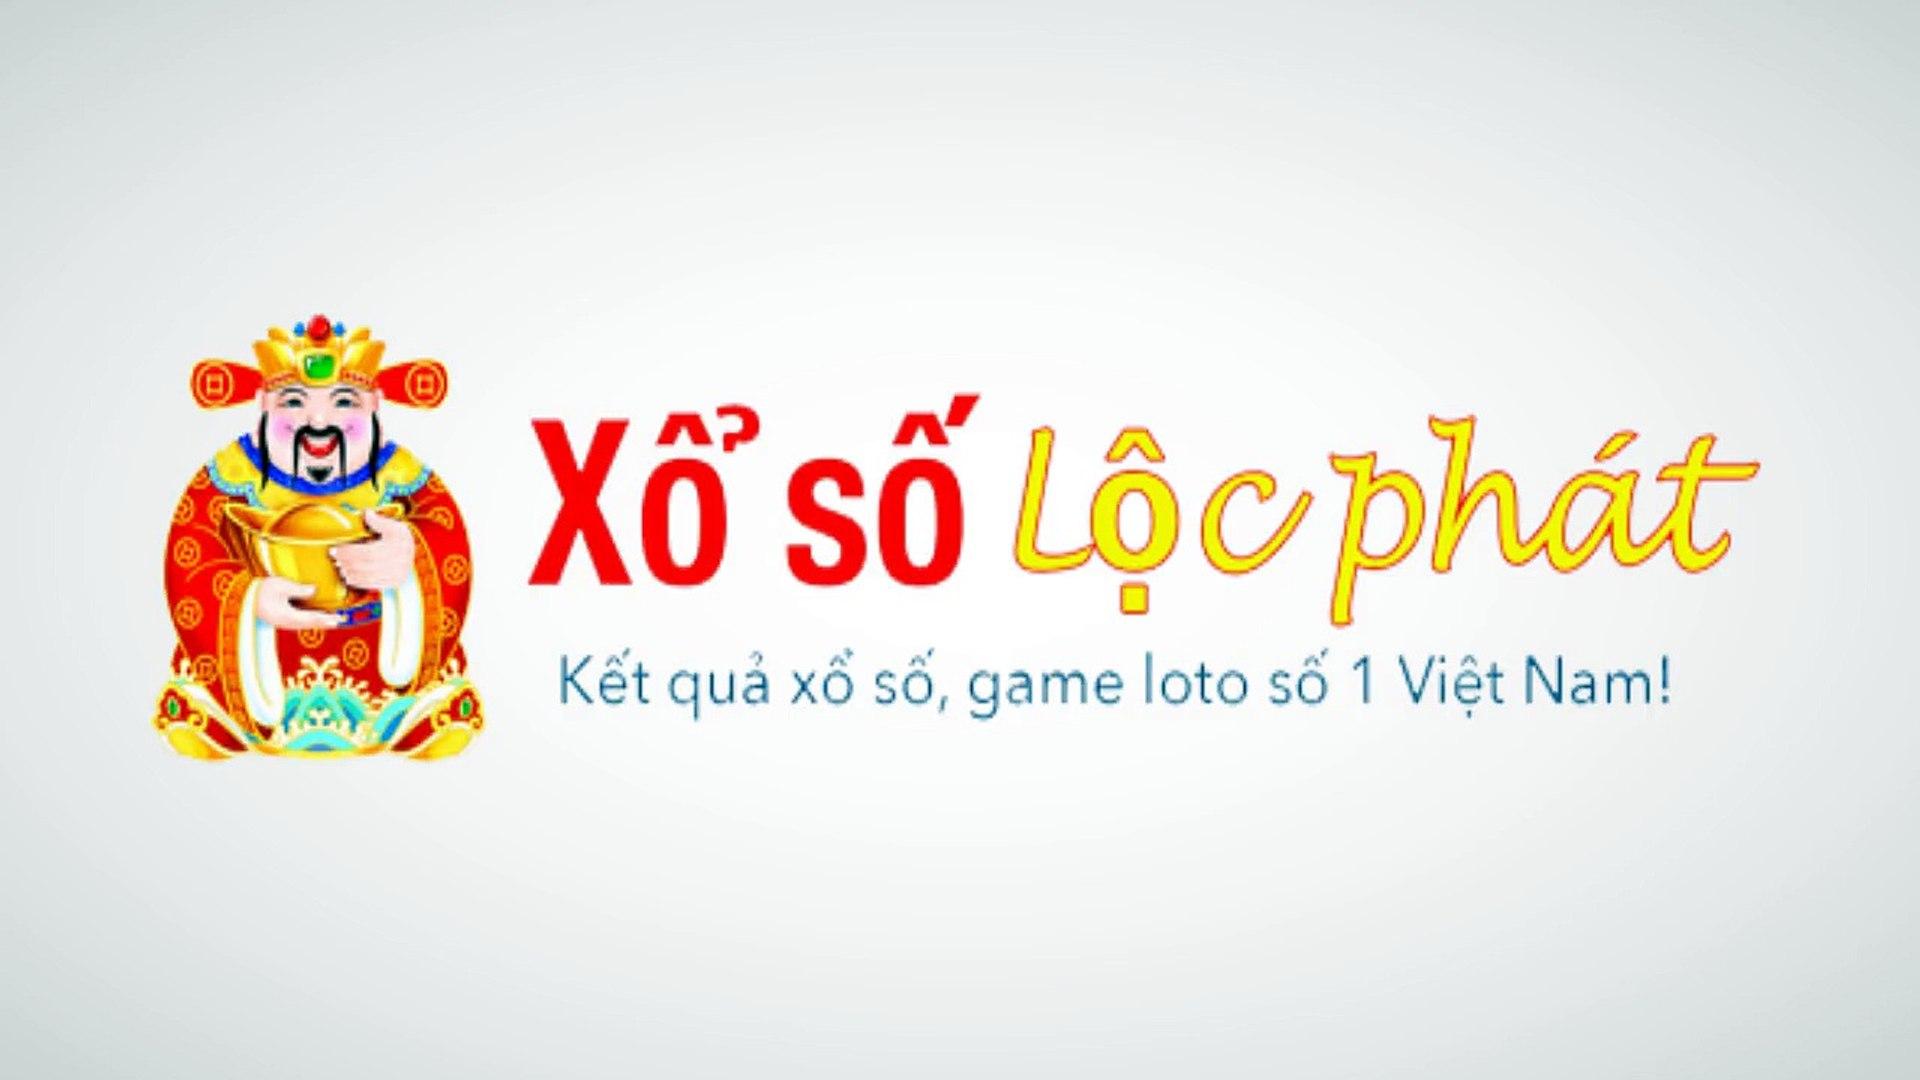 Soi Cau Mien Bac - Xosolocphat.com